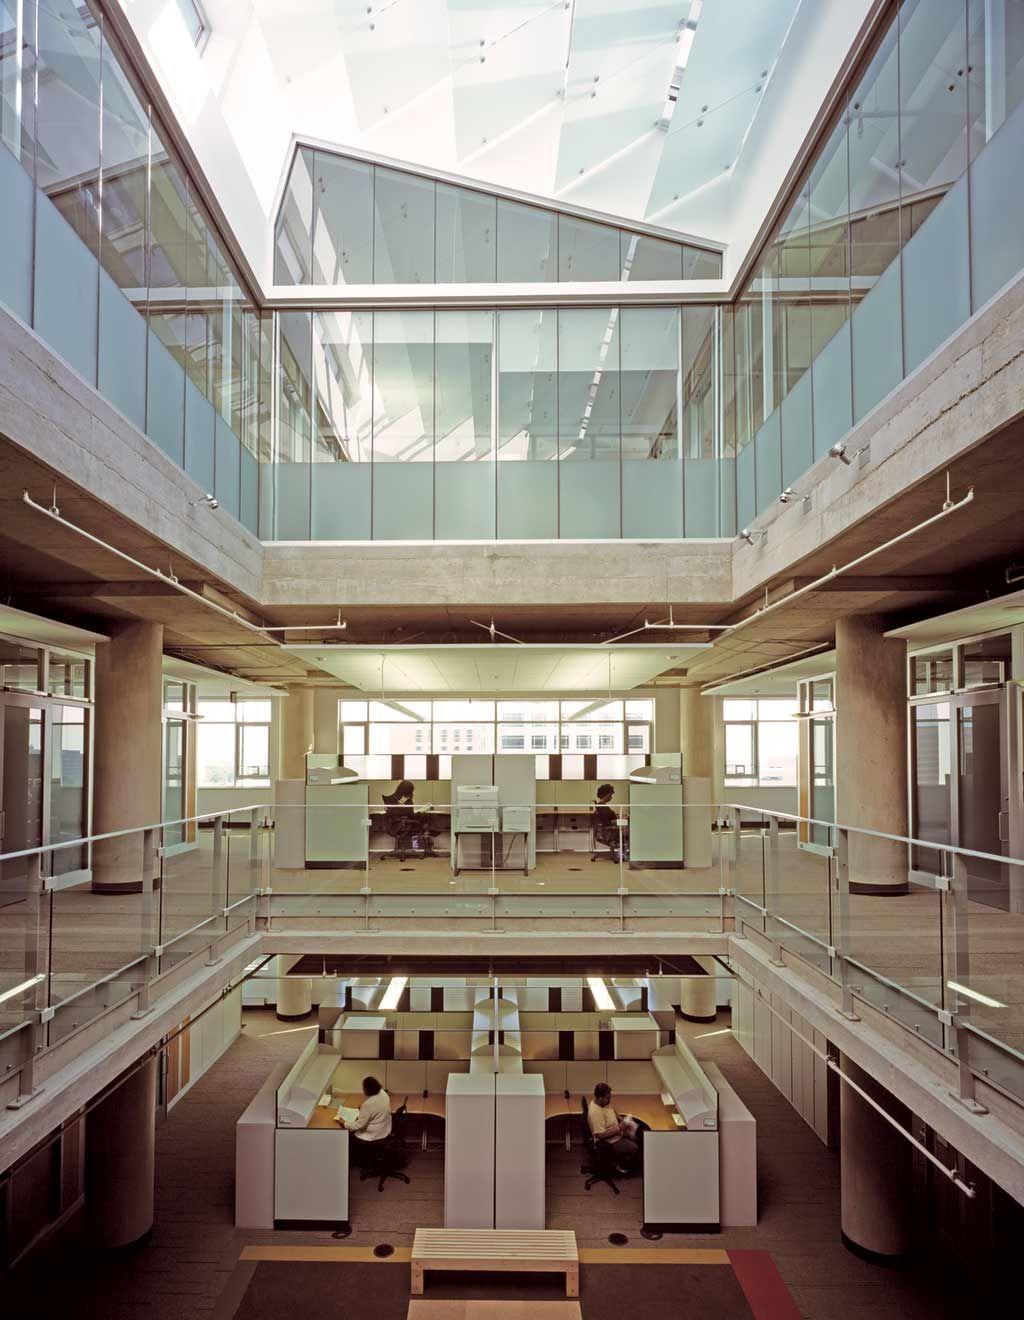 atrium design architecture pinterest atrium building and architecture. Black Bedroom Furniture Sets. Home Design Ideas